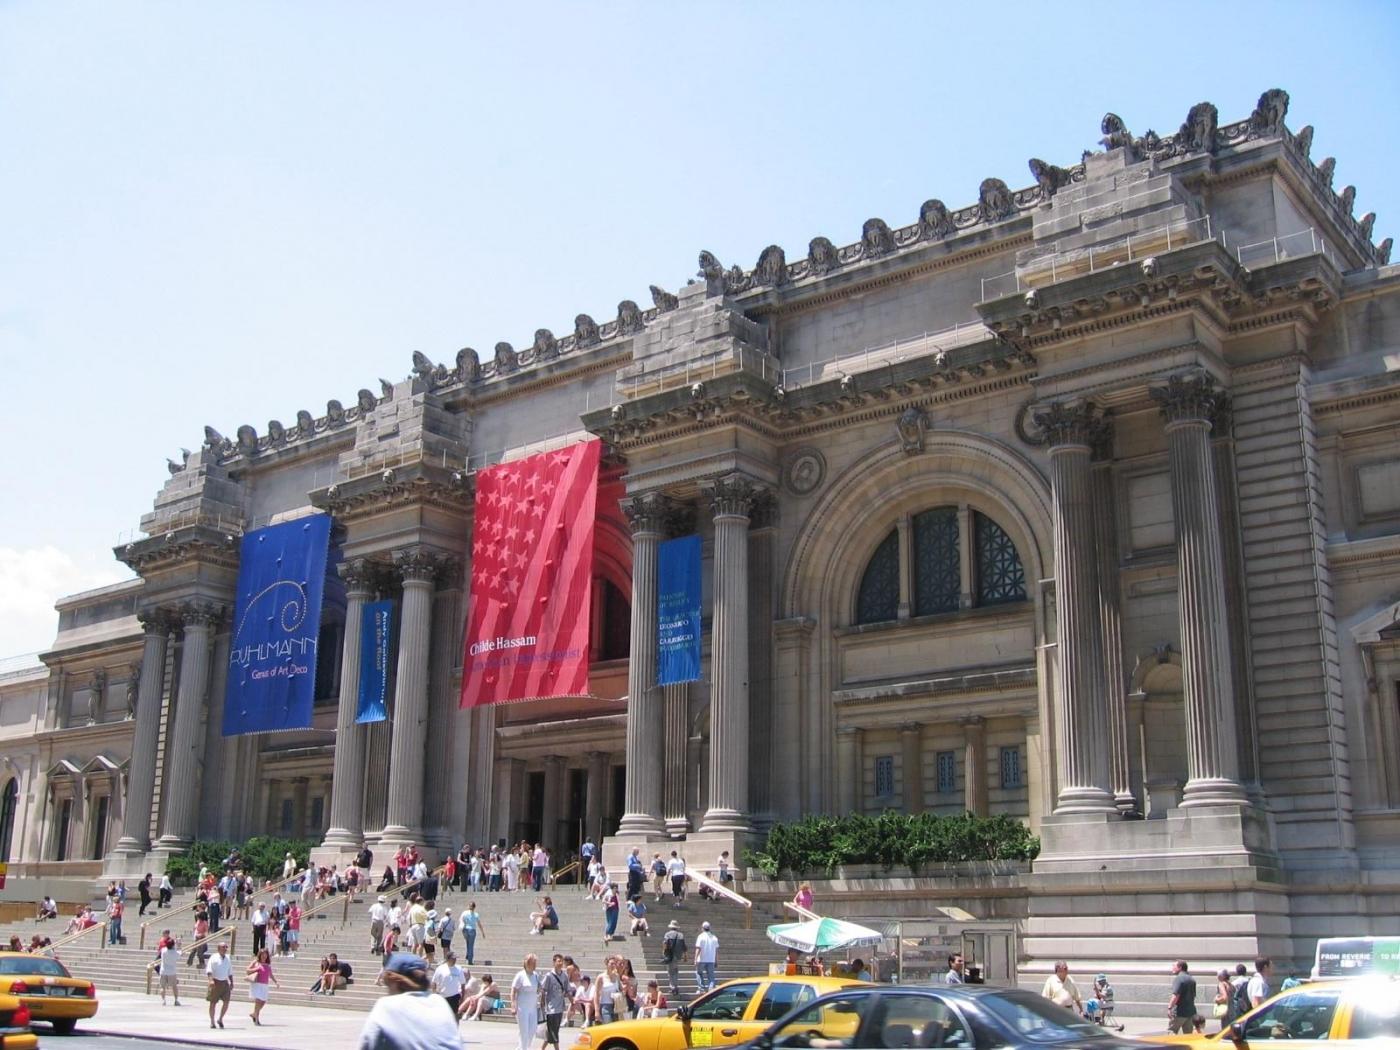 Museo metropolitano de arte met for About the metropolitan museum of art